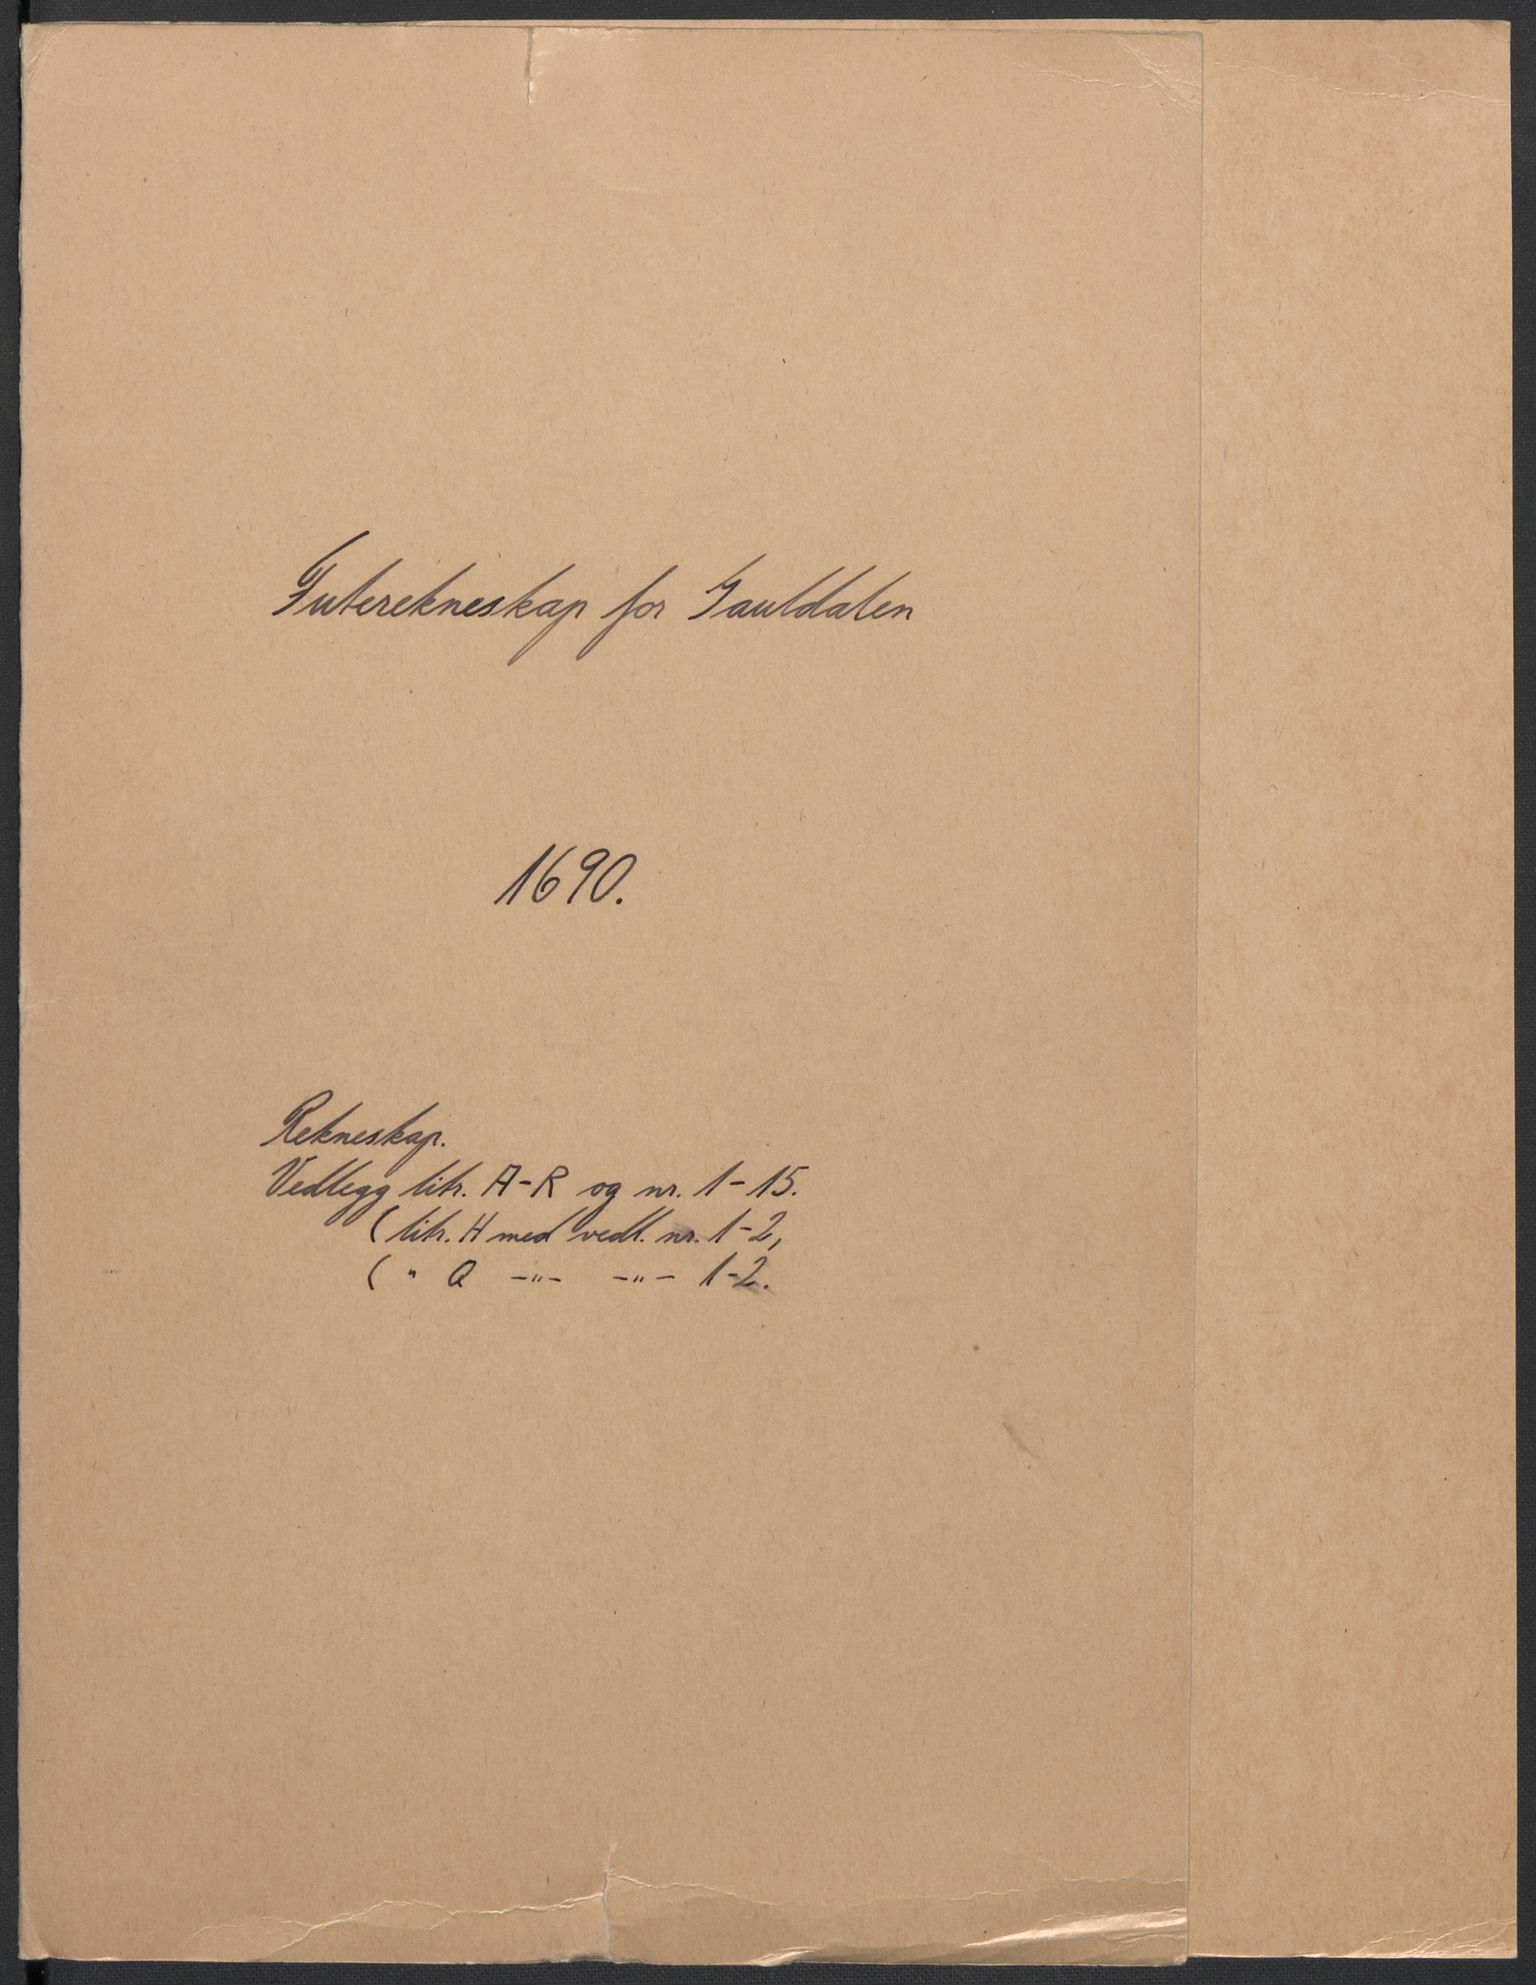 RA, Rentekammeret inntil 1814, Reviderte regnskaper, Fogderegnskap, R59/L3940: Fogderegnskap Gauldal, 1689-1690, s. 181